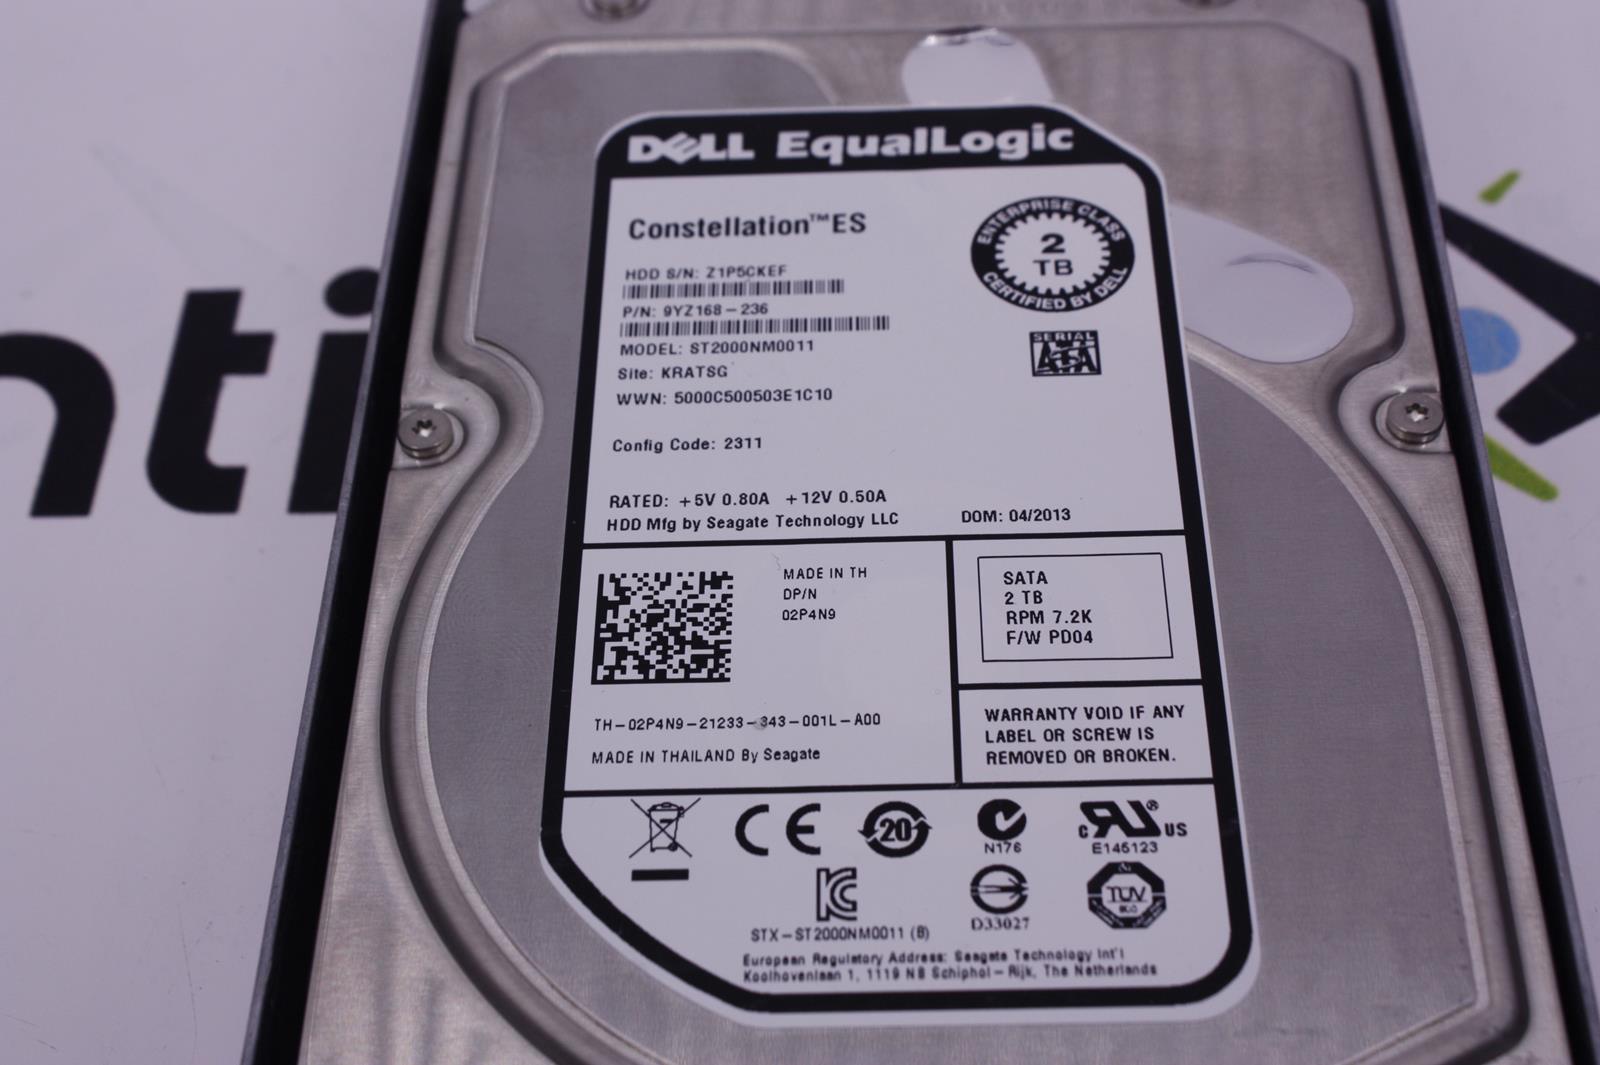 """Dell EqualLogic 2TB 7.2K  3.5/"""" SATA HDD 0948611 2T72-CES1 PS6500E PS6510E 2P4N9"""